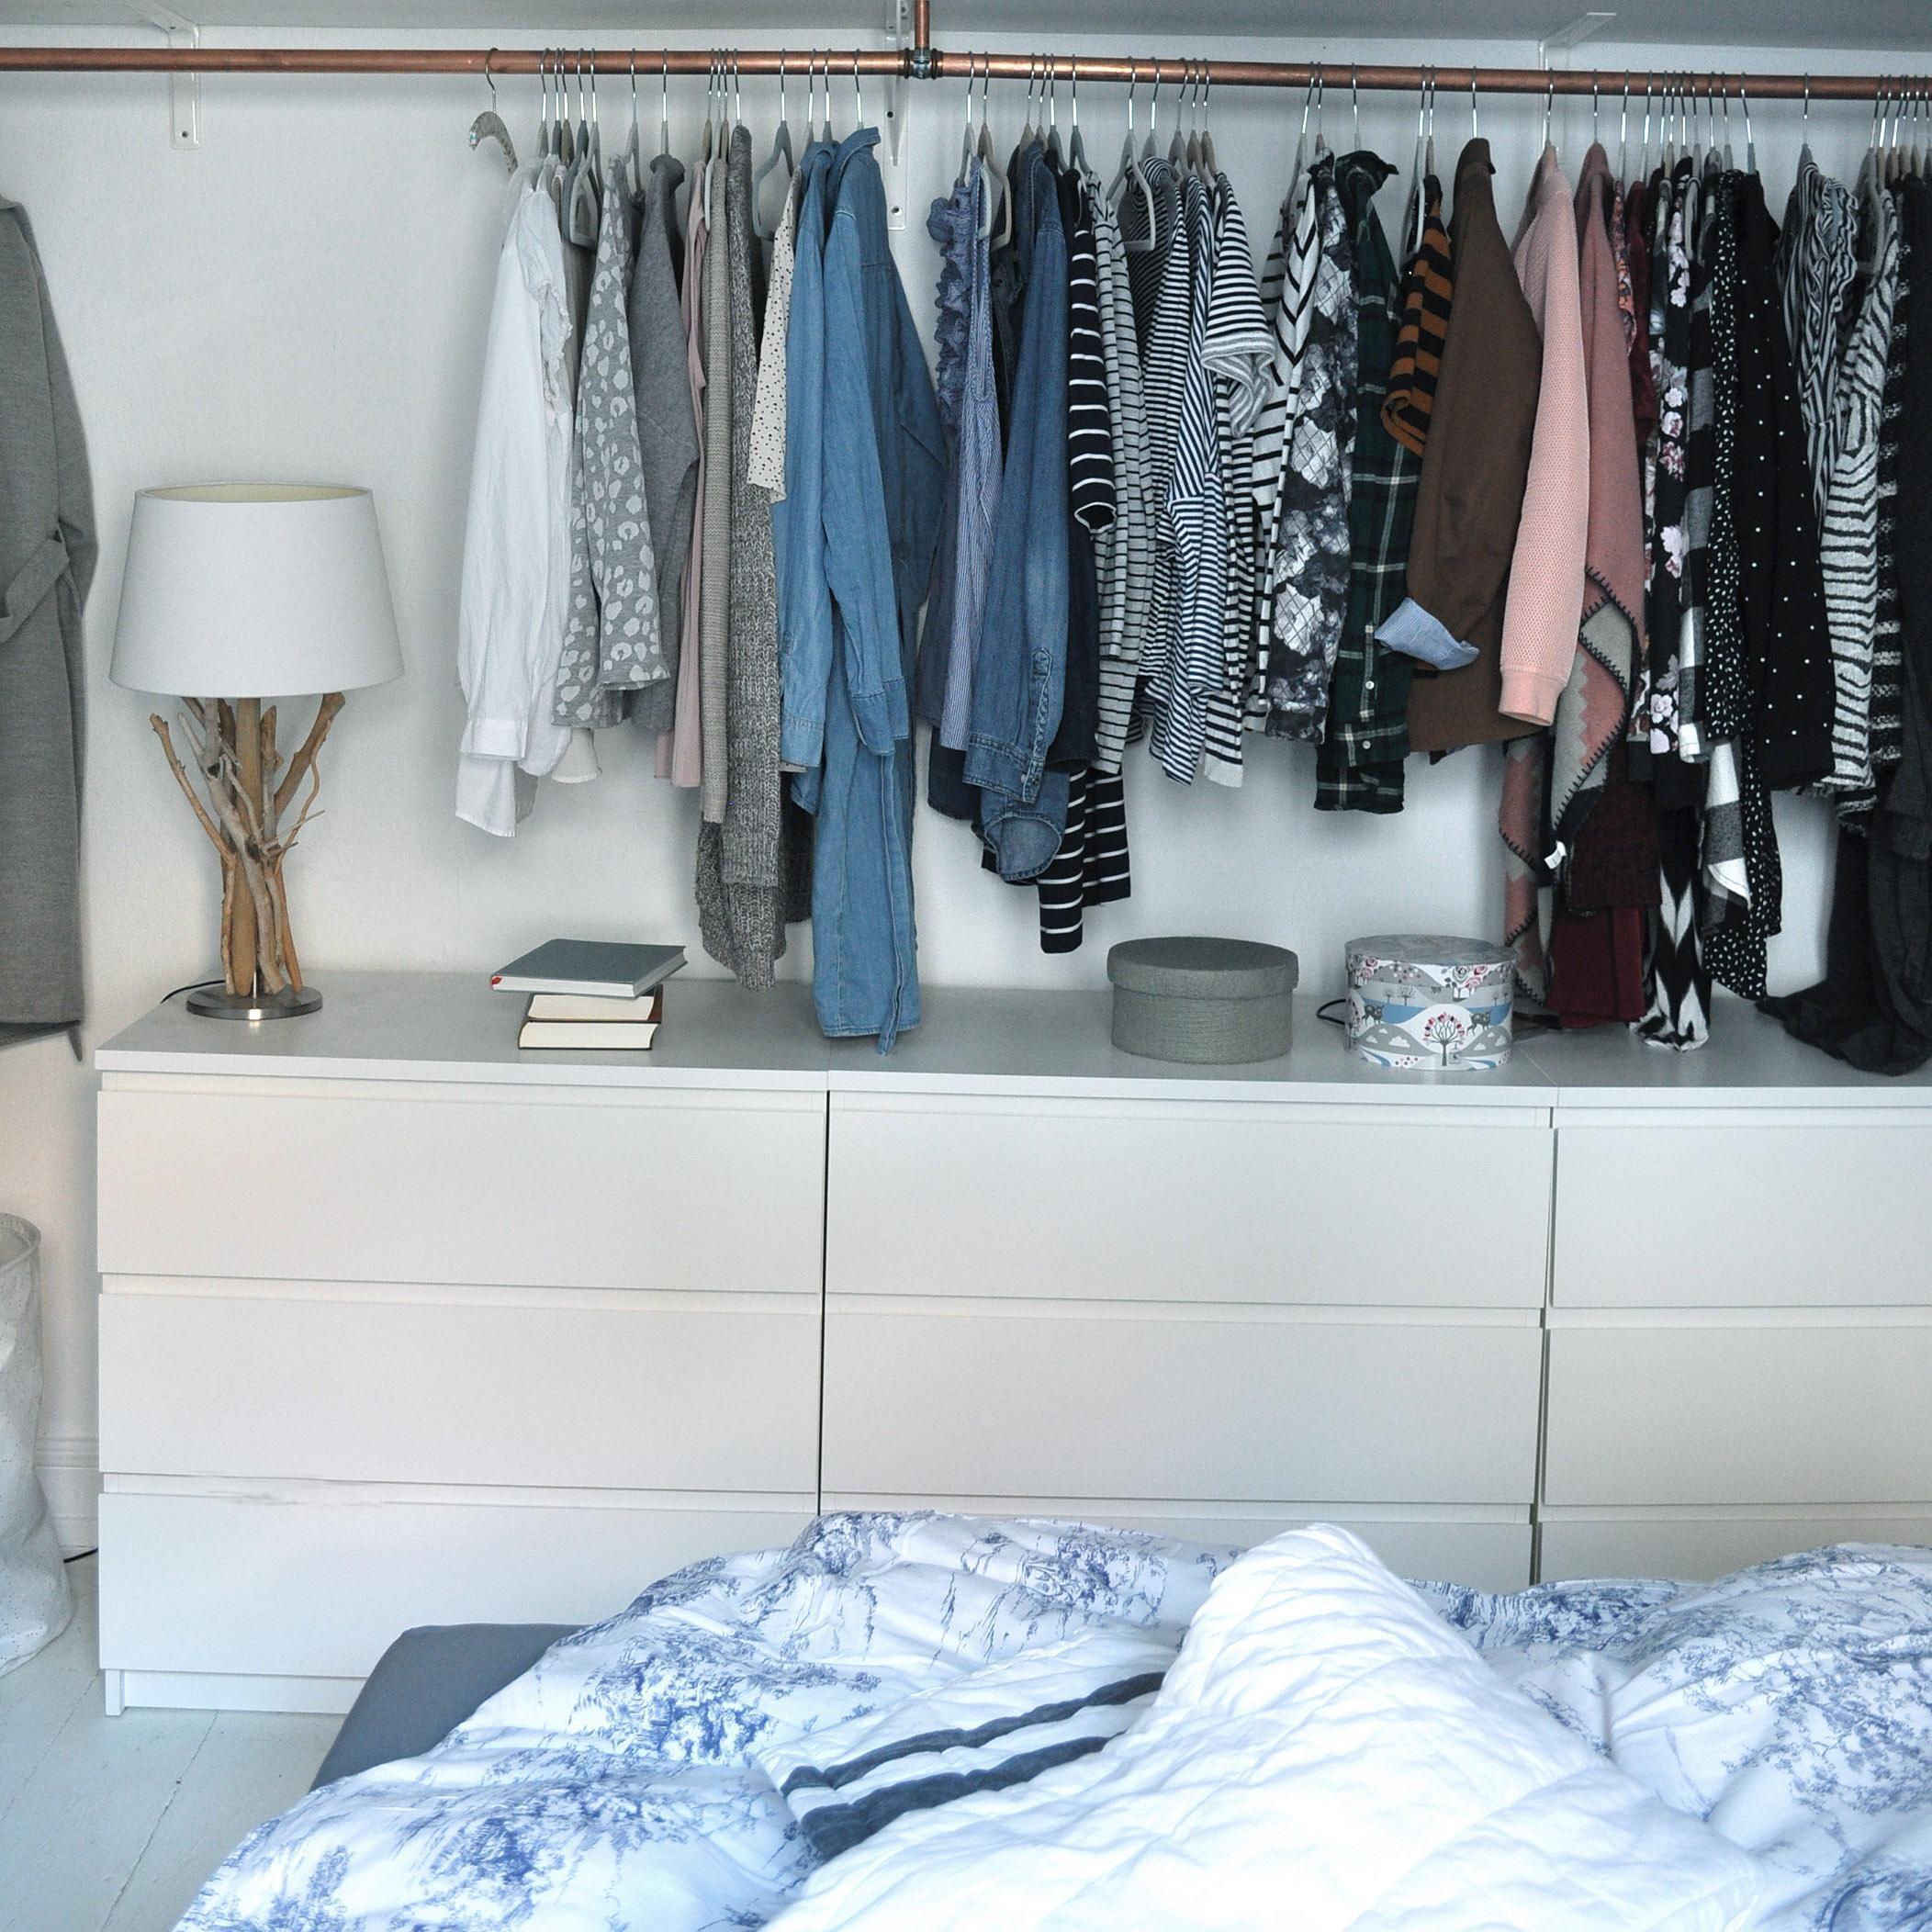 kleiderschrank #diy #kleiderstange #schlafzimmer #s